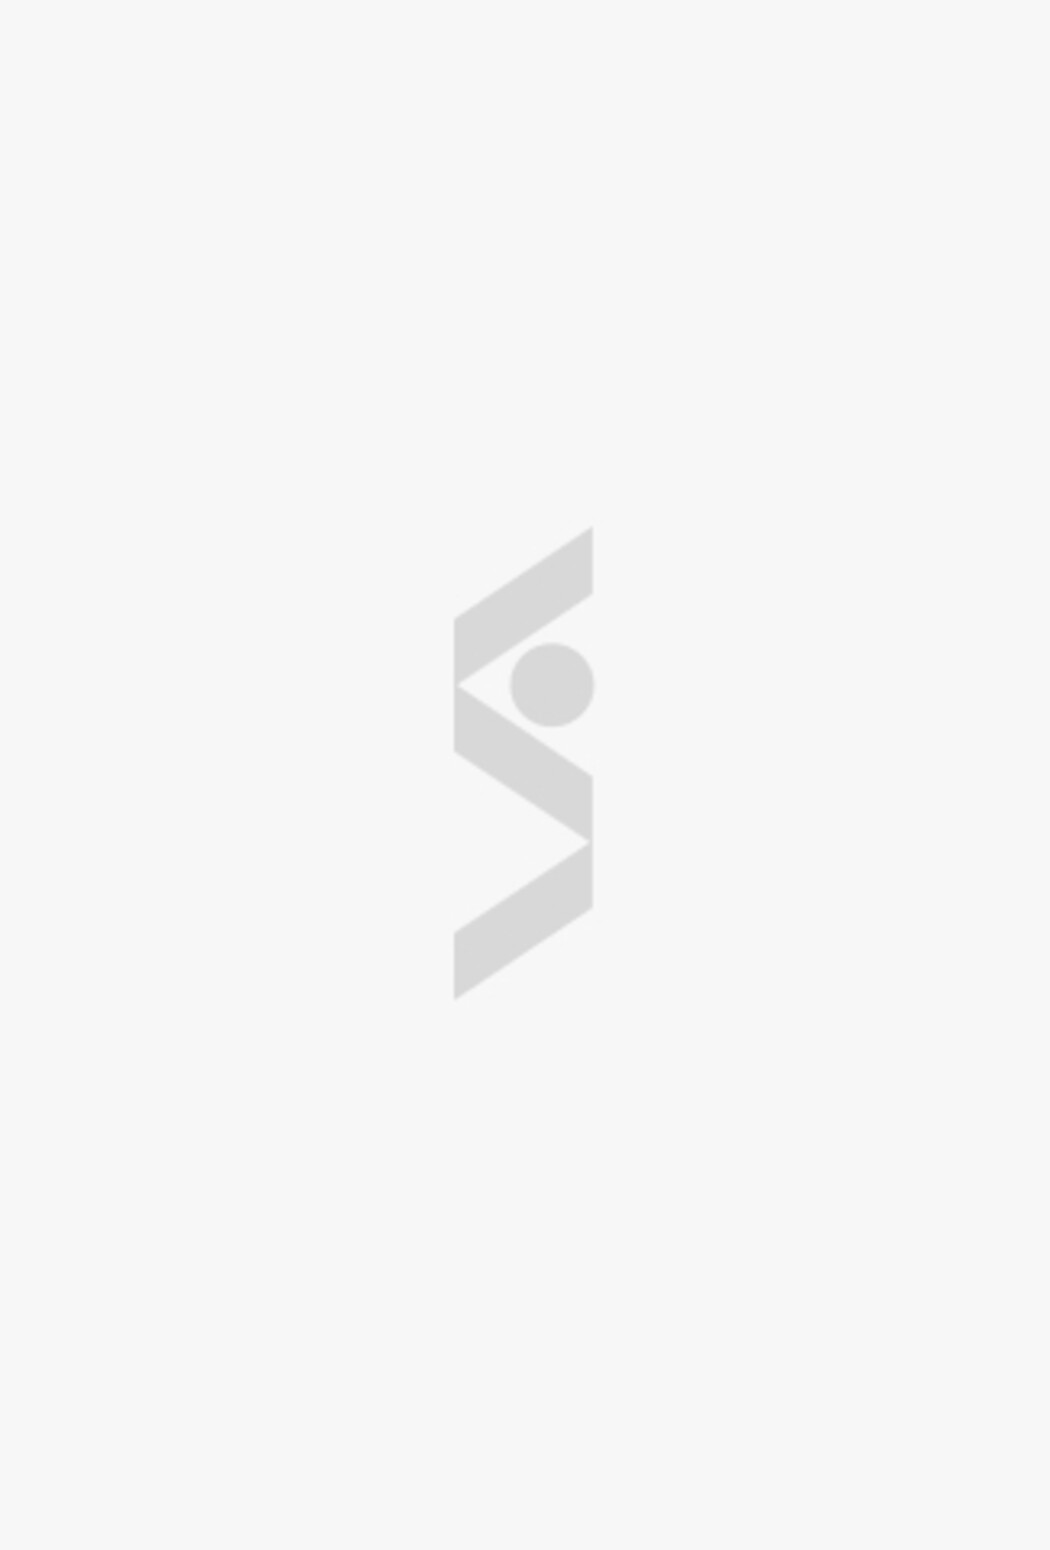 Viking косметика купить купить подарочный набор косметики минск